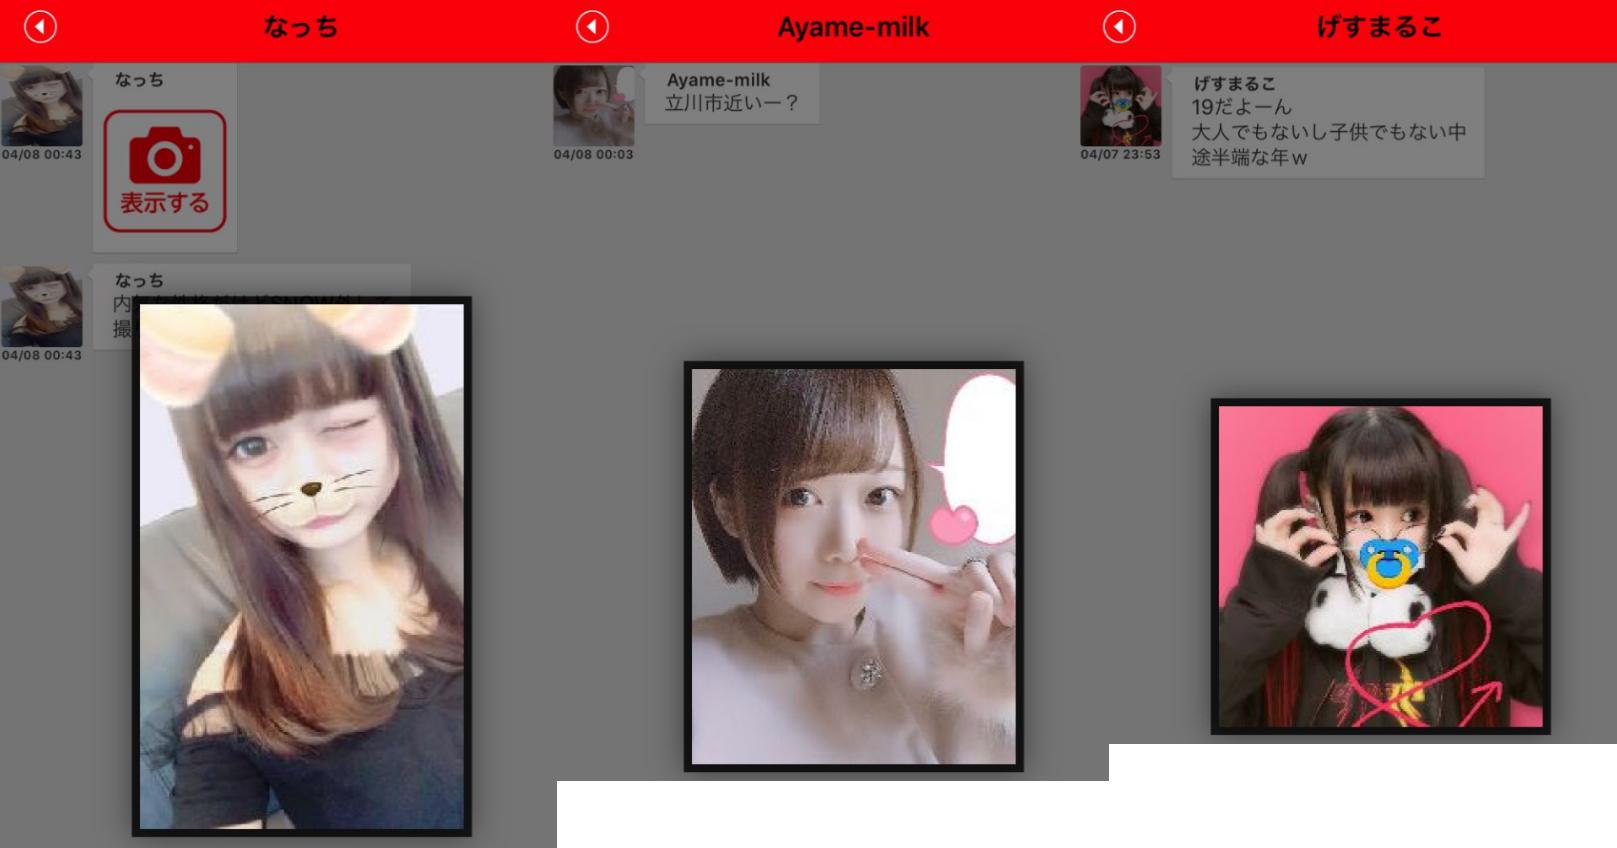 ソクデキ - 即マッチングできる出会い系チャットアプリ 大人の出会いは、即できる「ソクデキ」で決まり!!サクラ達の画像